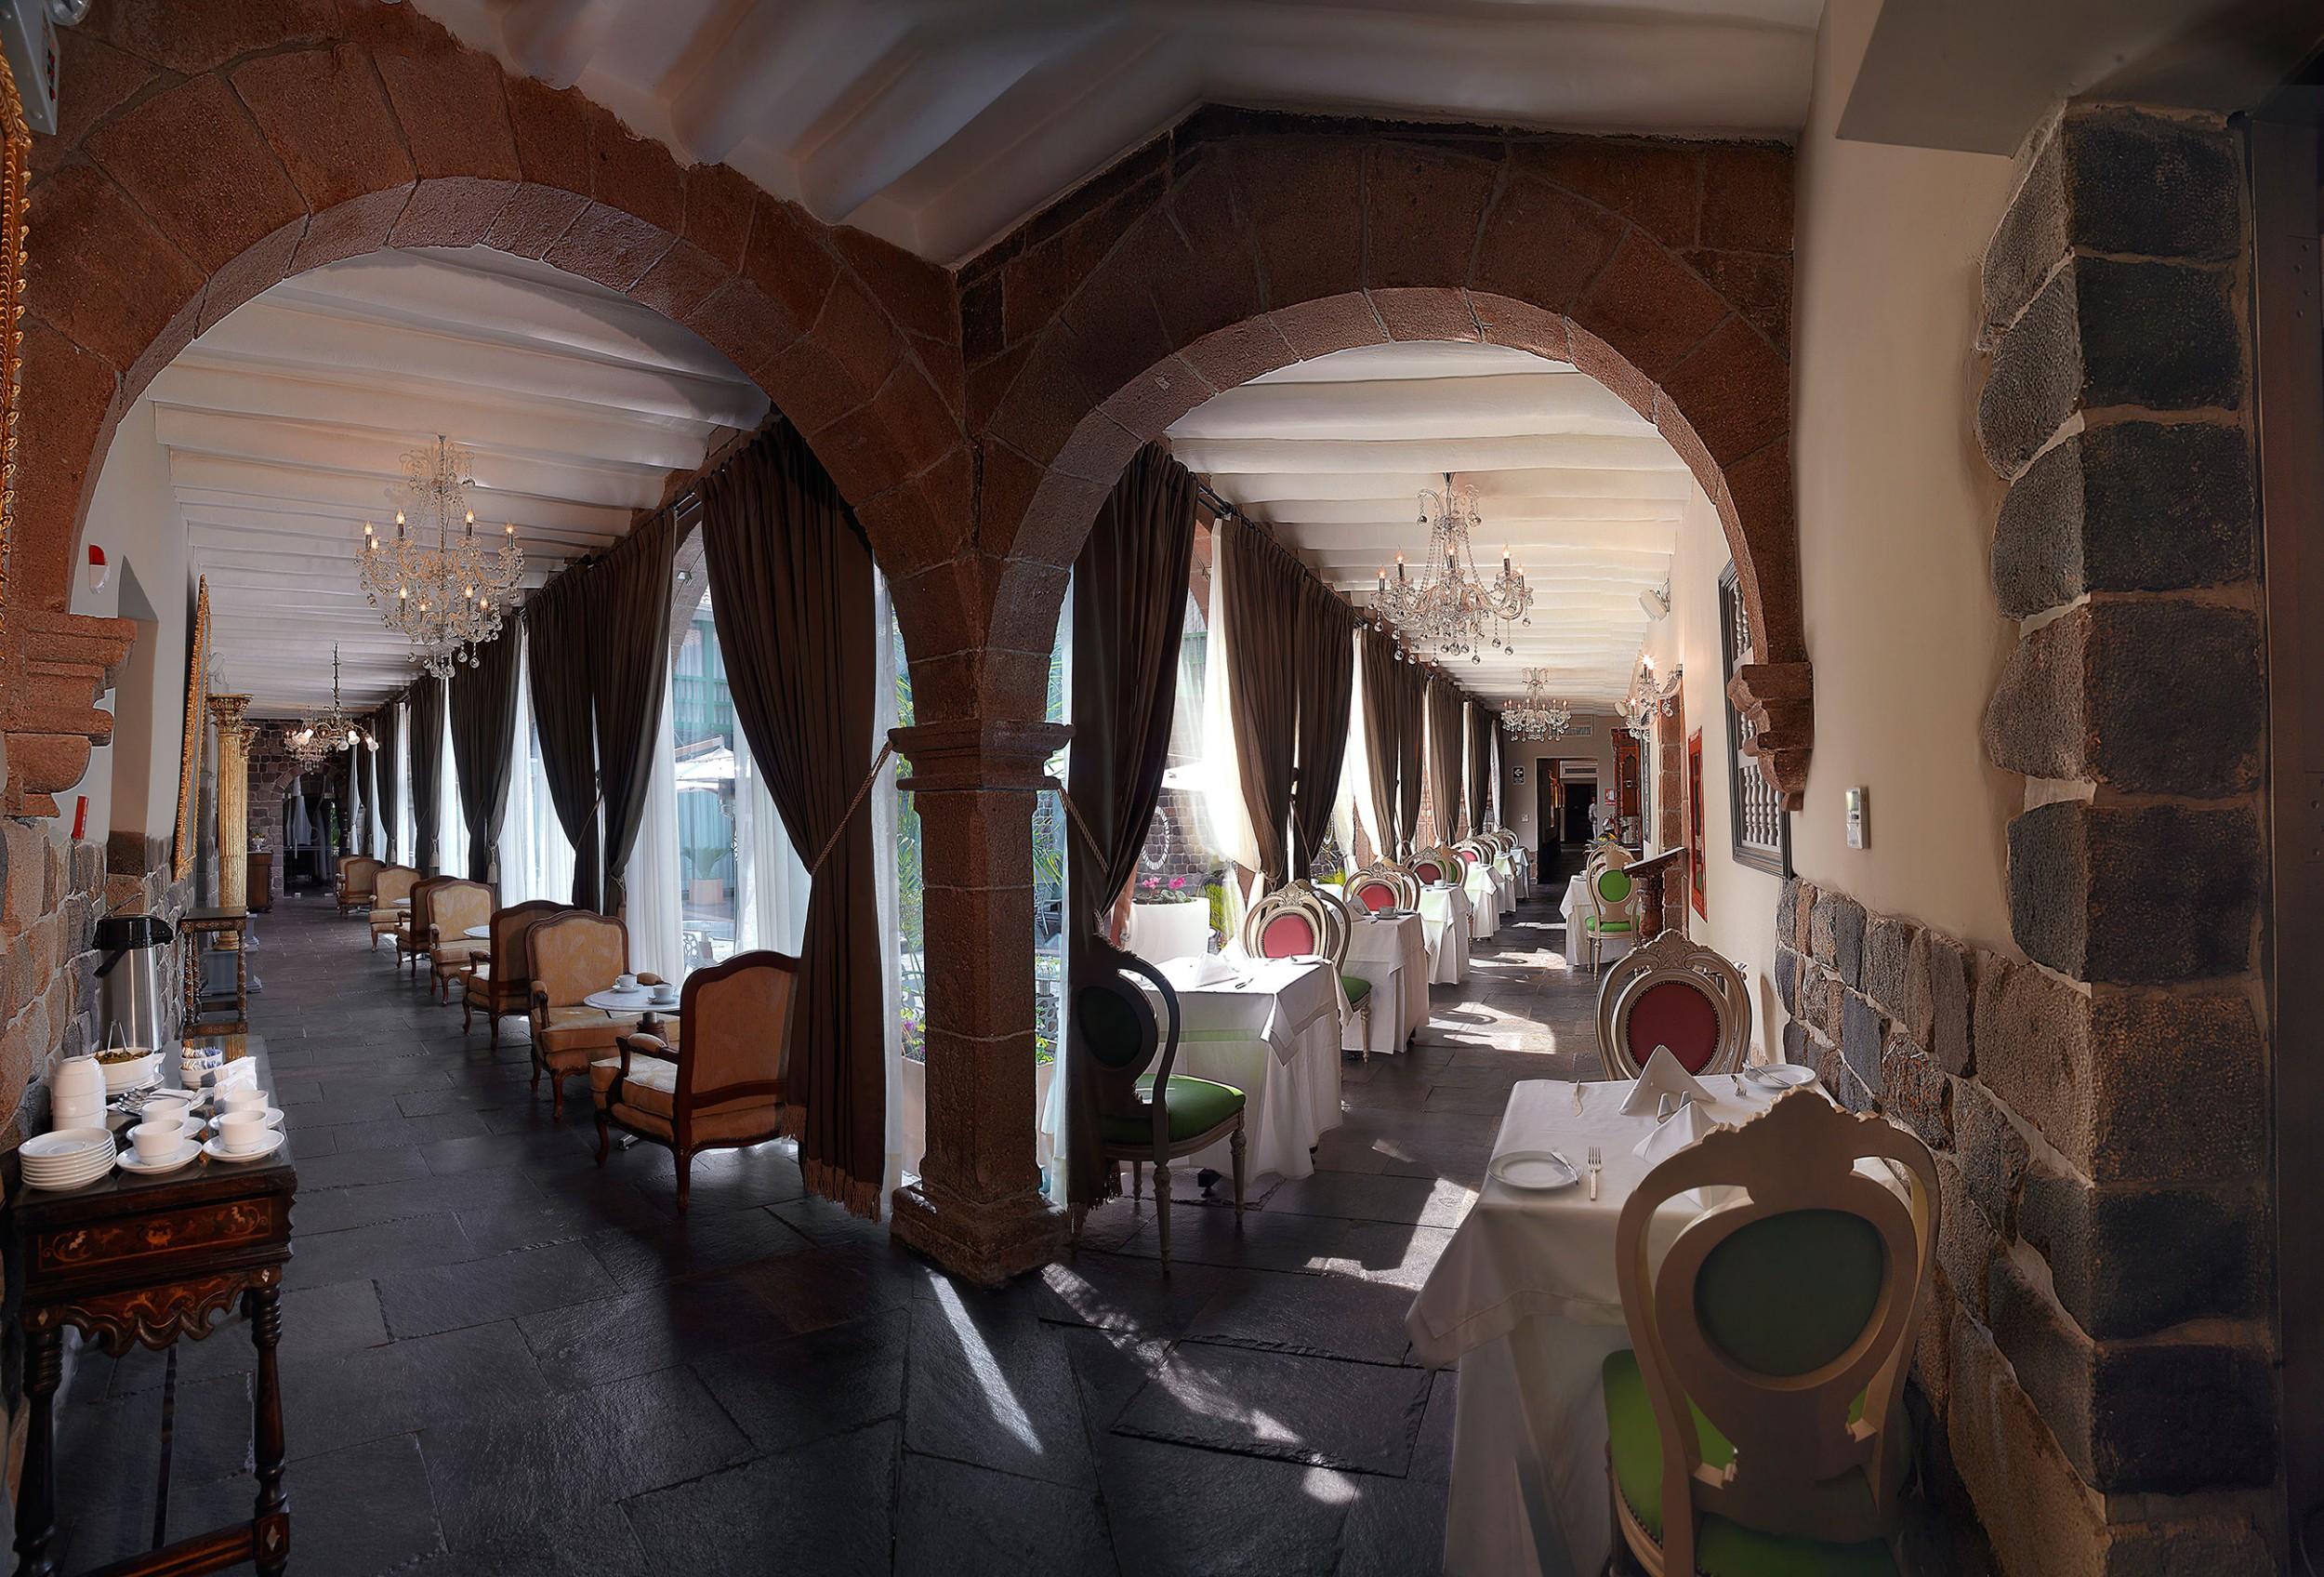 cusco-panoramic-hall-view-2.jpg